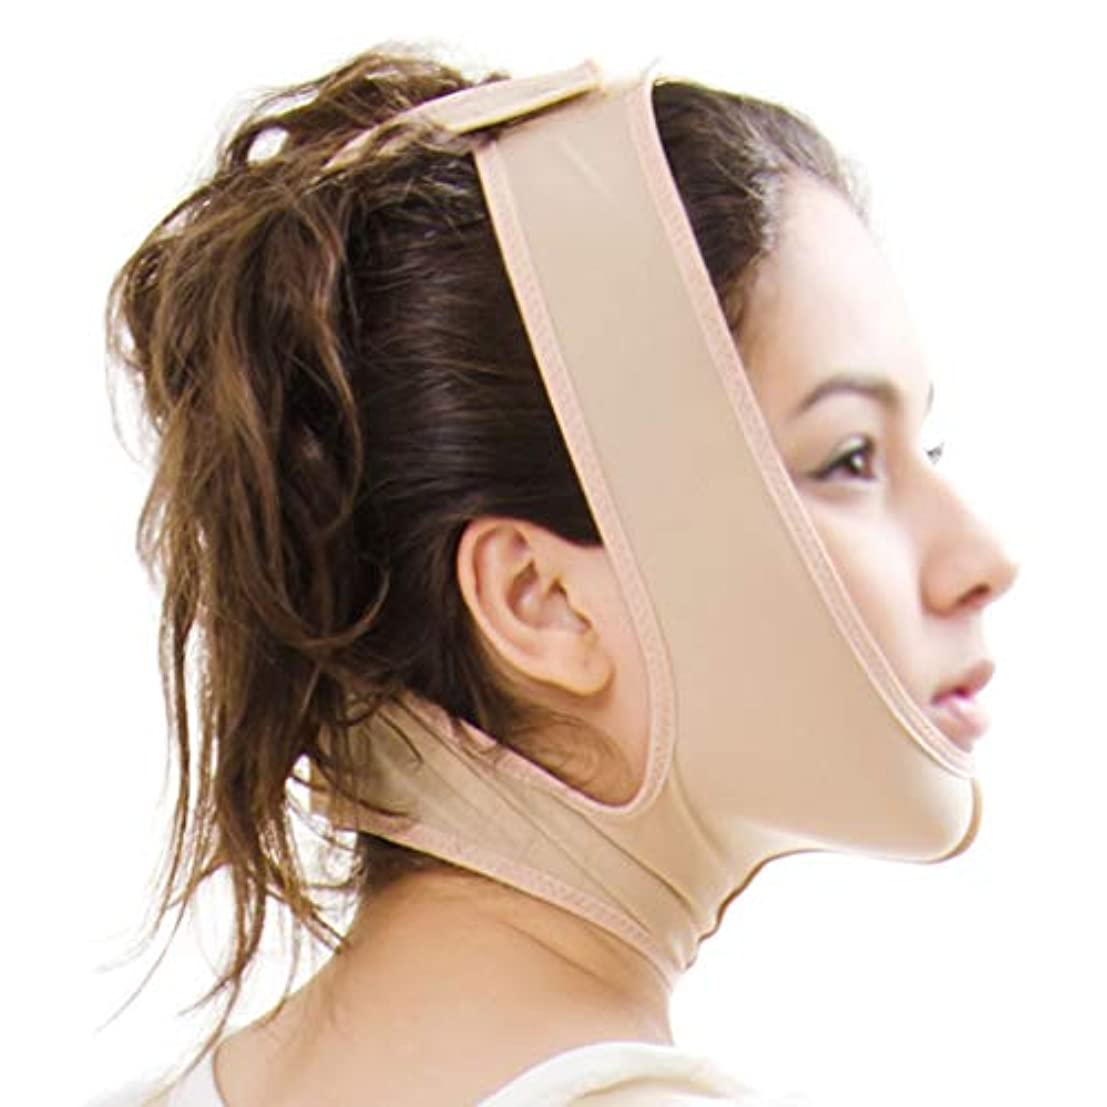 露骨な氏スプレーGLJJQMY 顔面リフティング包帯あごの首と首の二重あごの脂肪吸引術後創傷マスク 顔用整形マスク (Size : S)